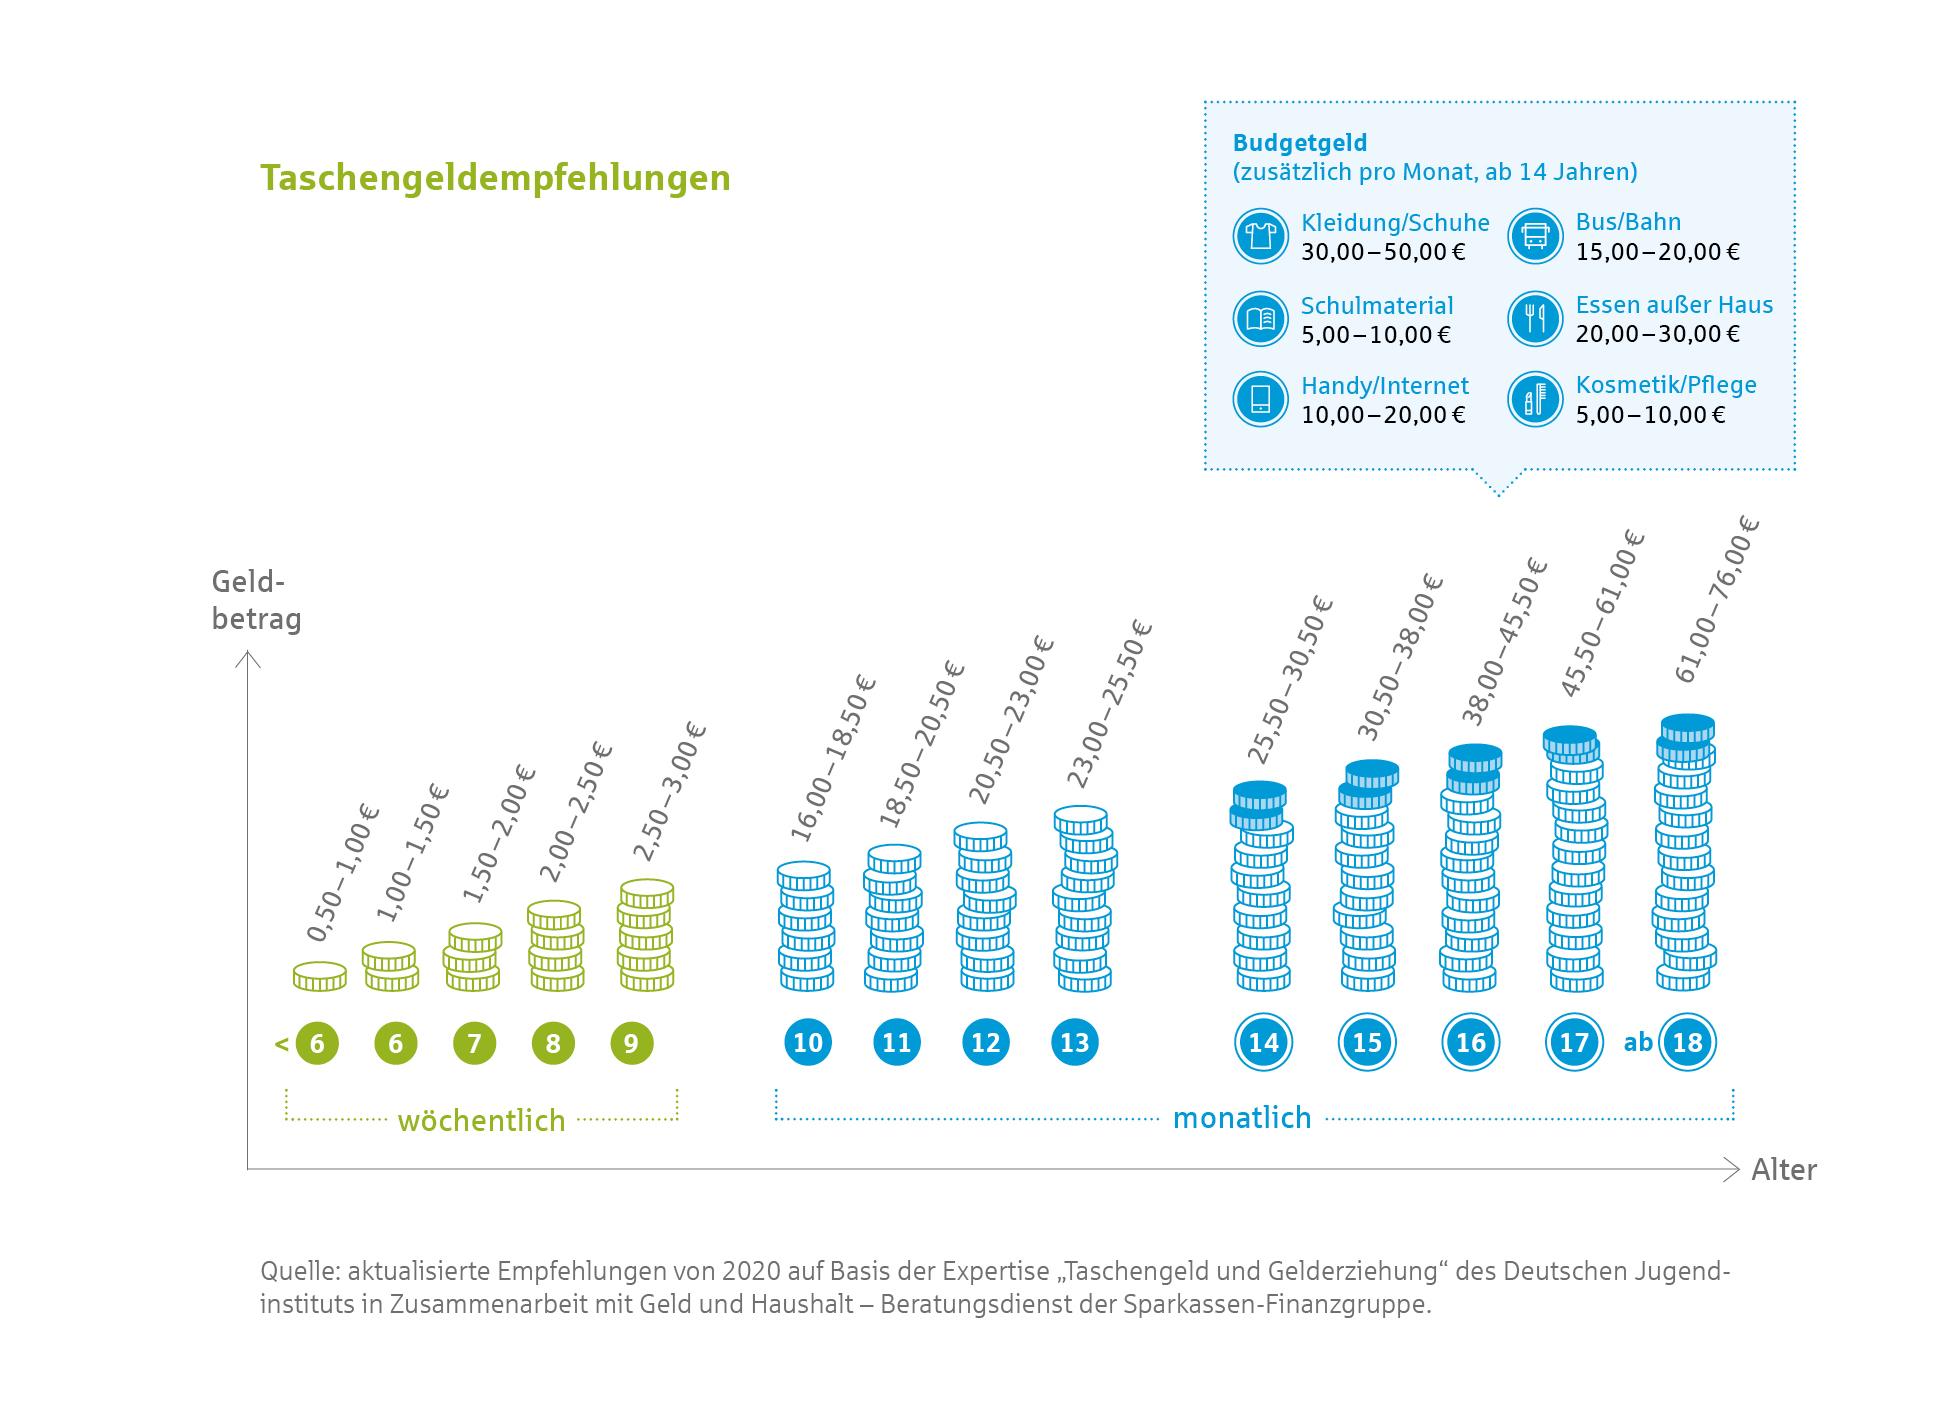 Grafik Taschengeldempfehlungen nach Alter des Kindes